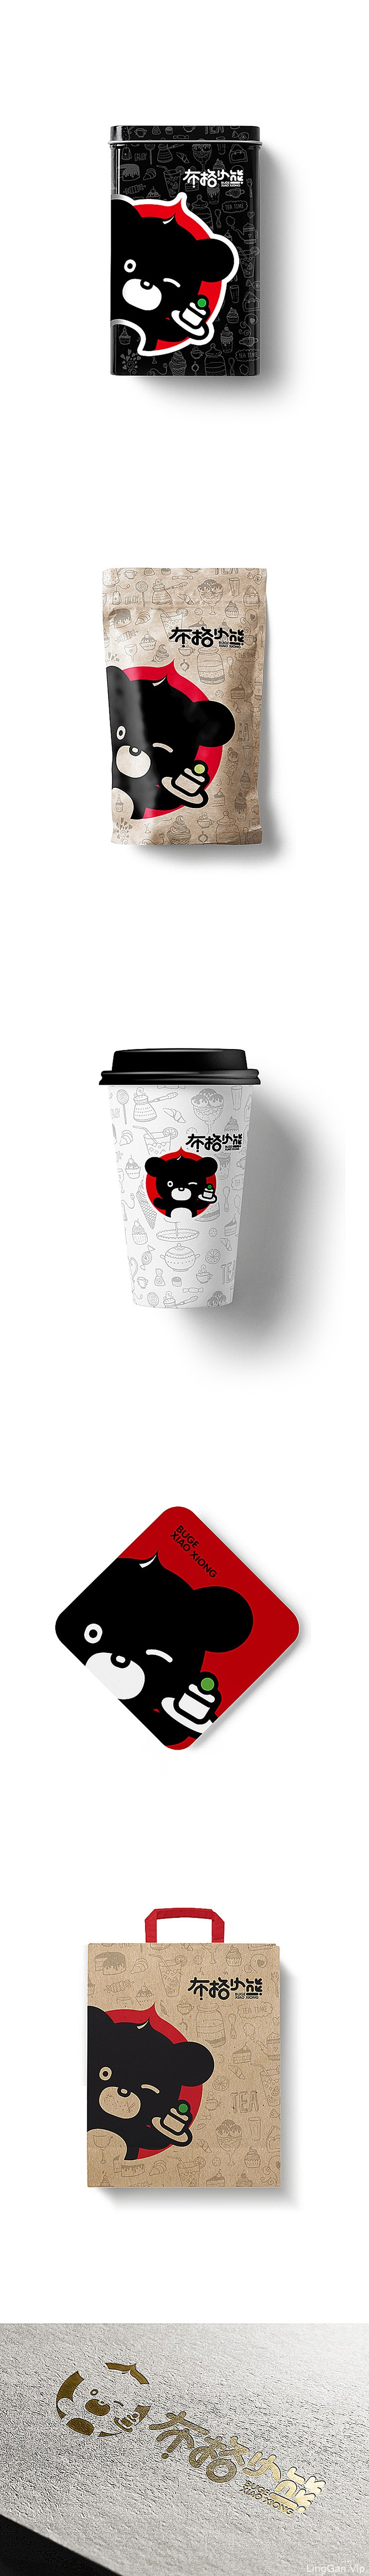 [原创]布格小熊Logo创意